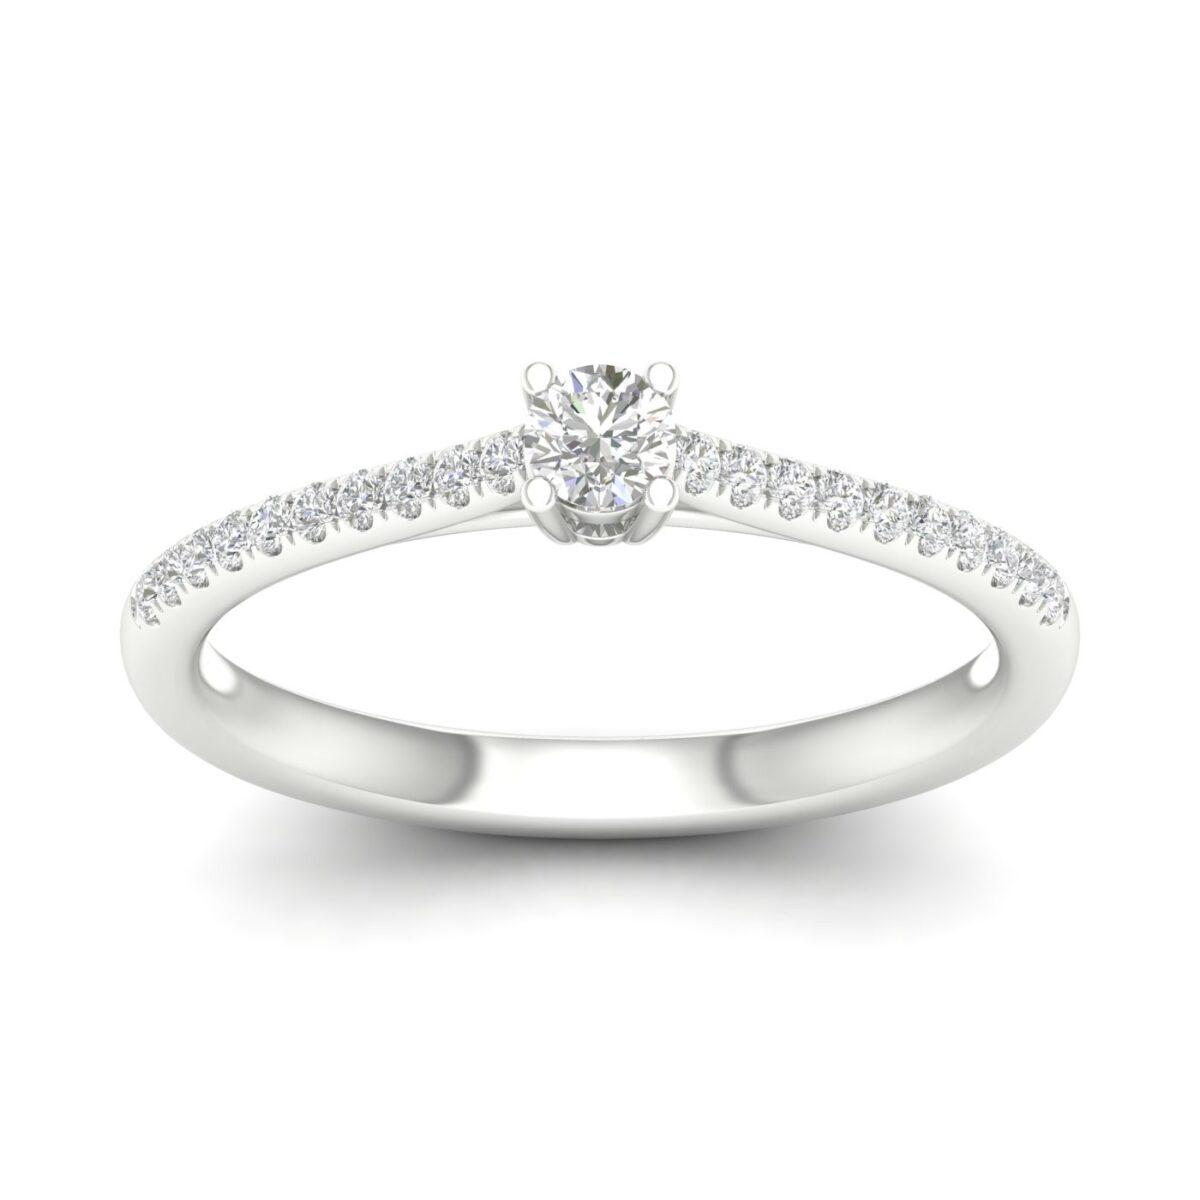 Kullast sõrmus teemantidega 0,20 ct. Kood: 53hc